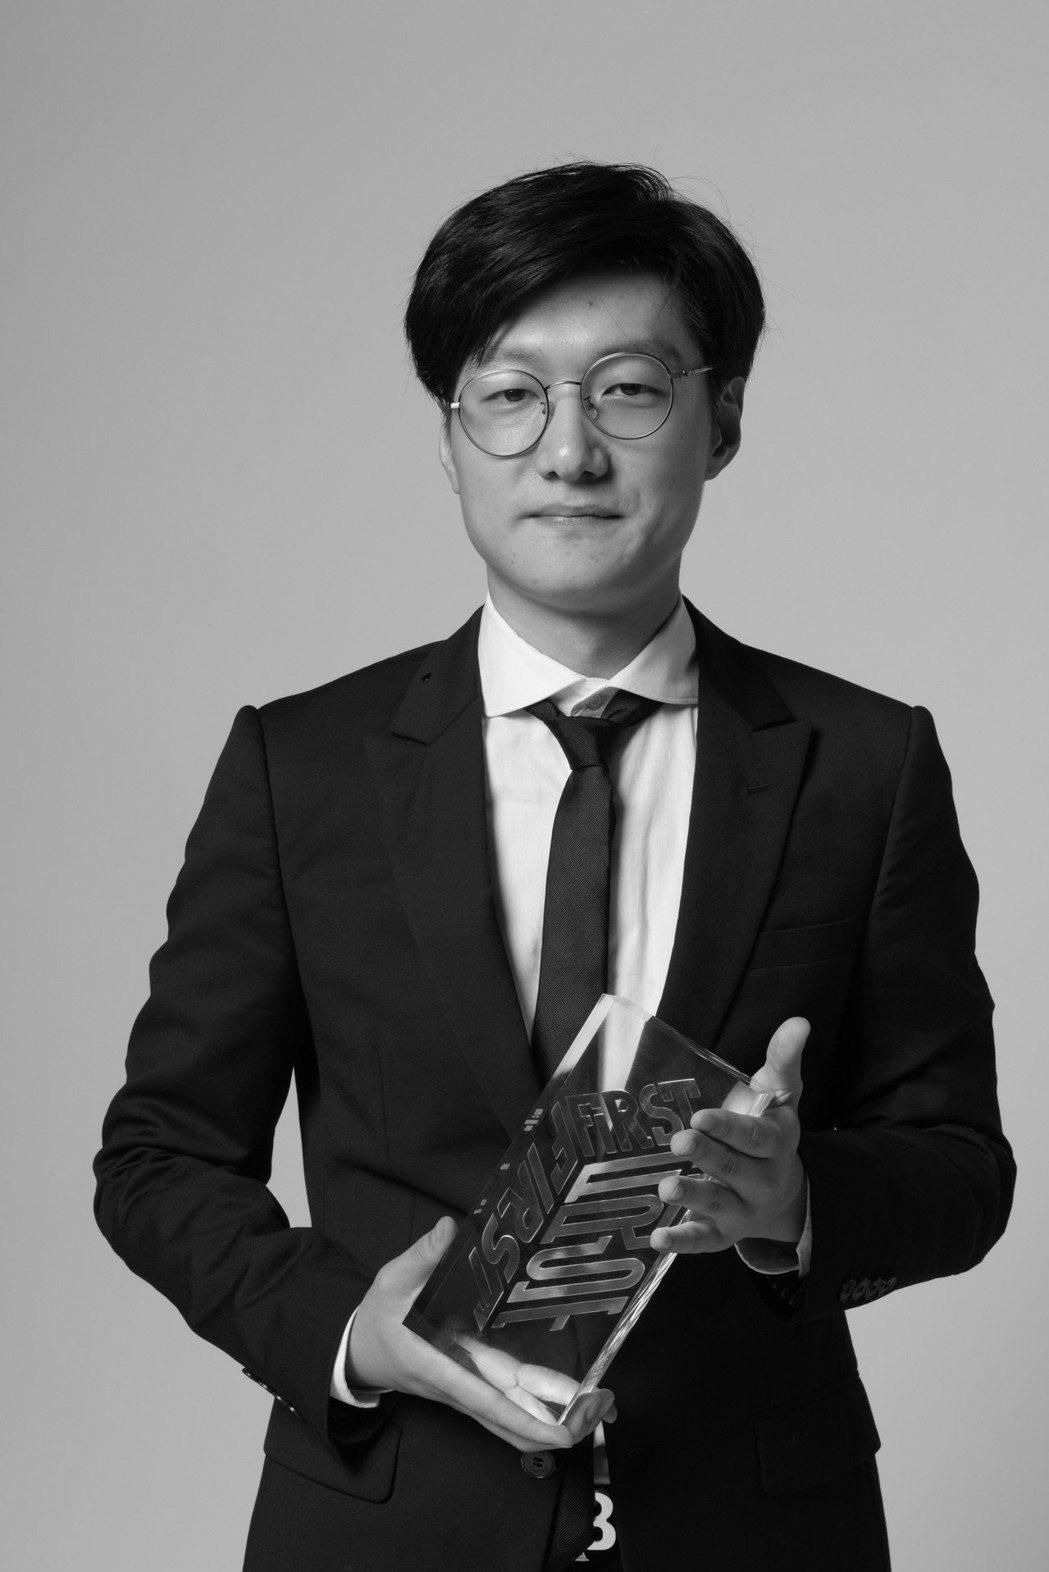 由新銳導演仇晟執導的大陸電影「郊區的鳥」奪下FIRST青年電影展大獎。圖/前景提...